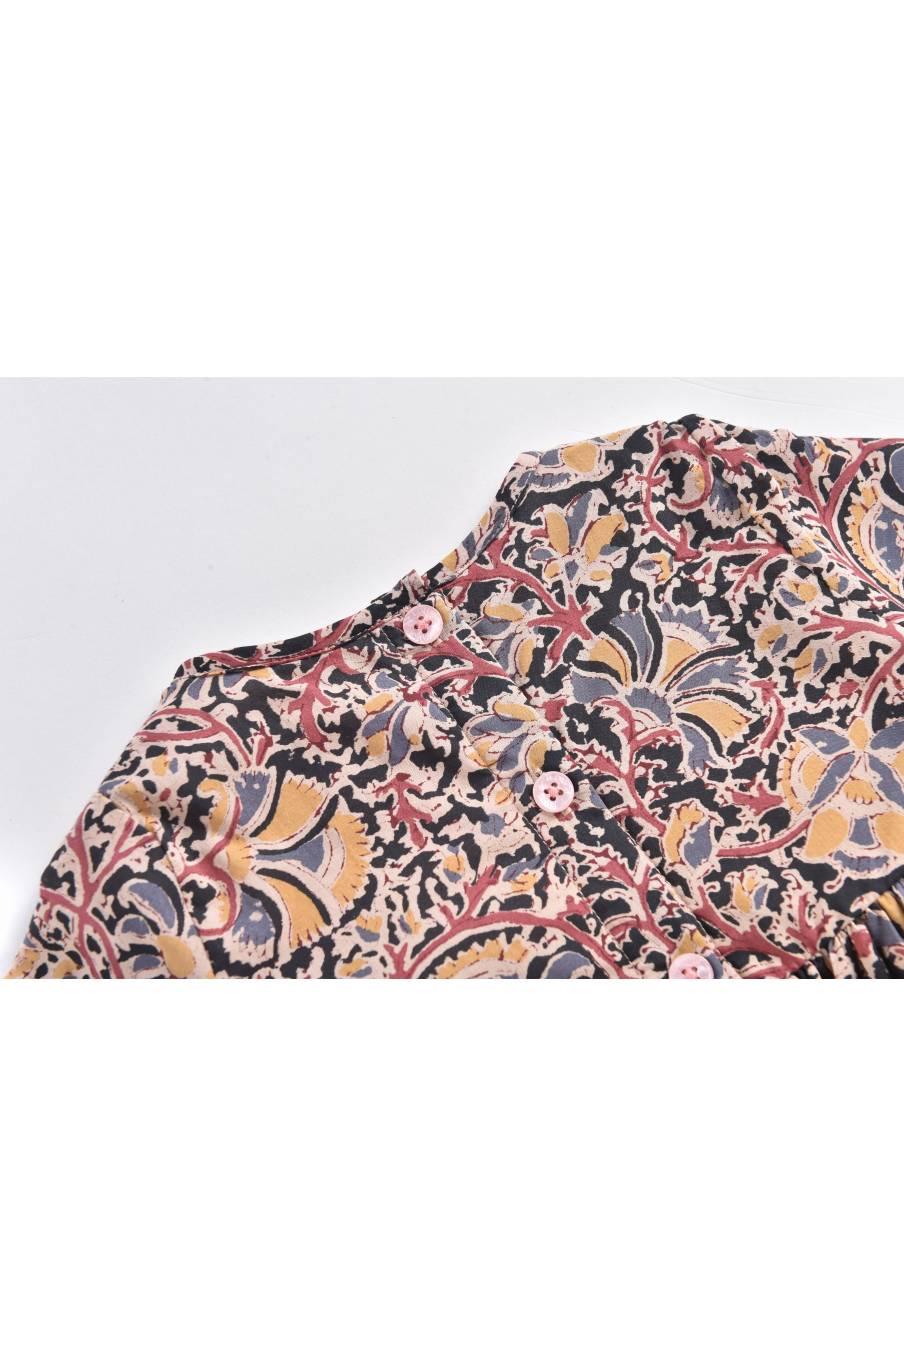 boheme chic vintage robe bébé fille rouya nordish flowers